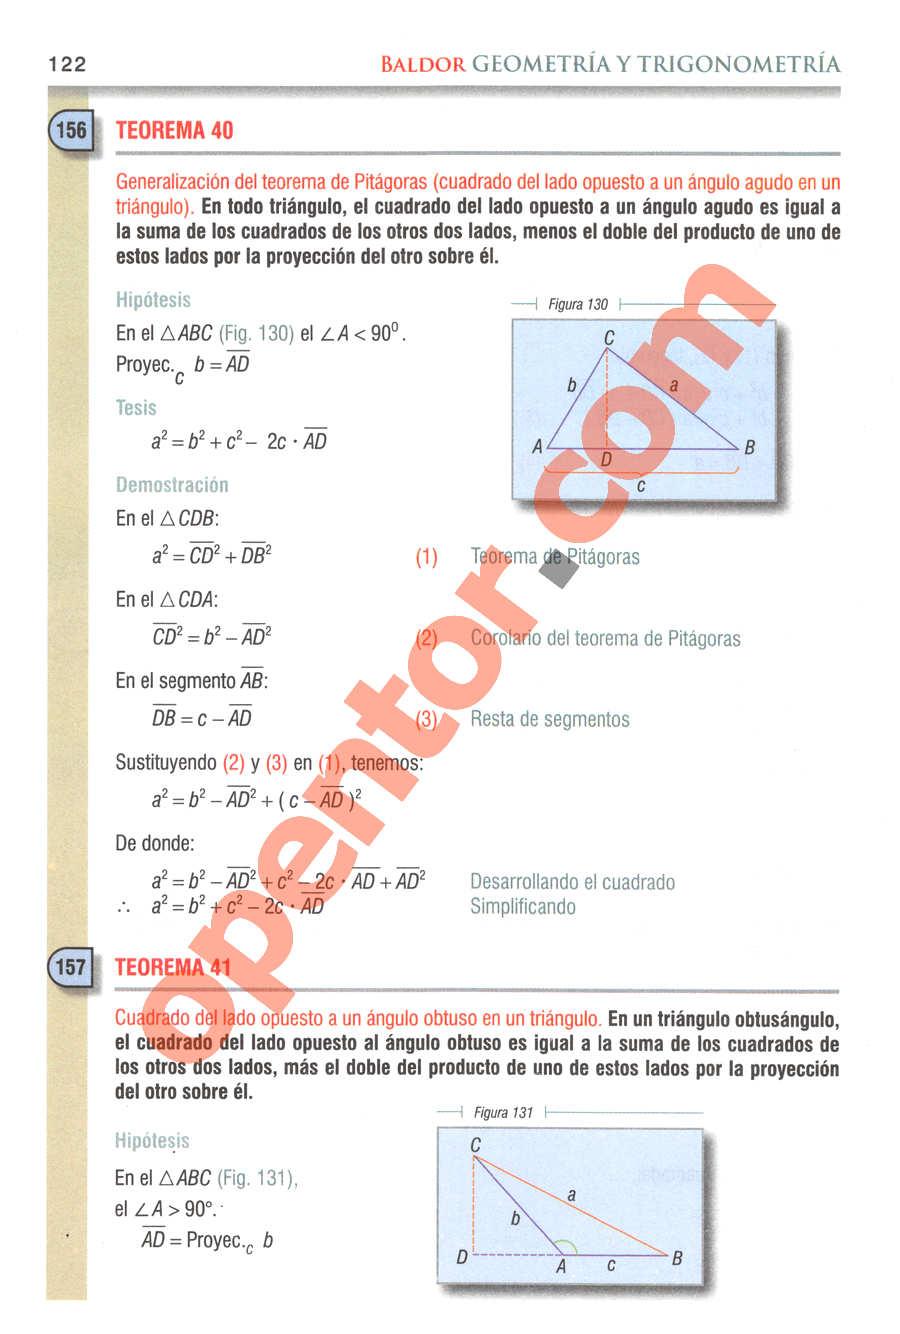 Geometría y Trigonometría de Baldor - Página 122